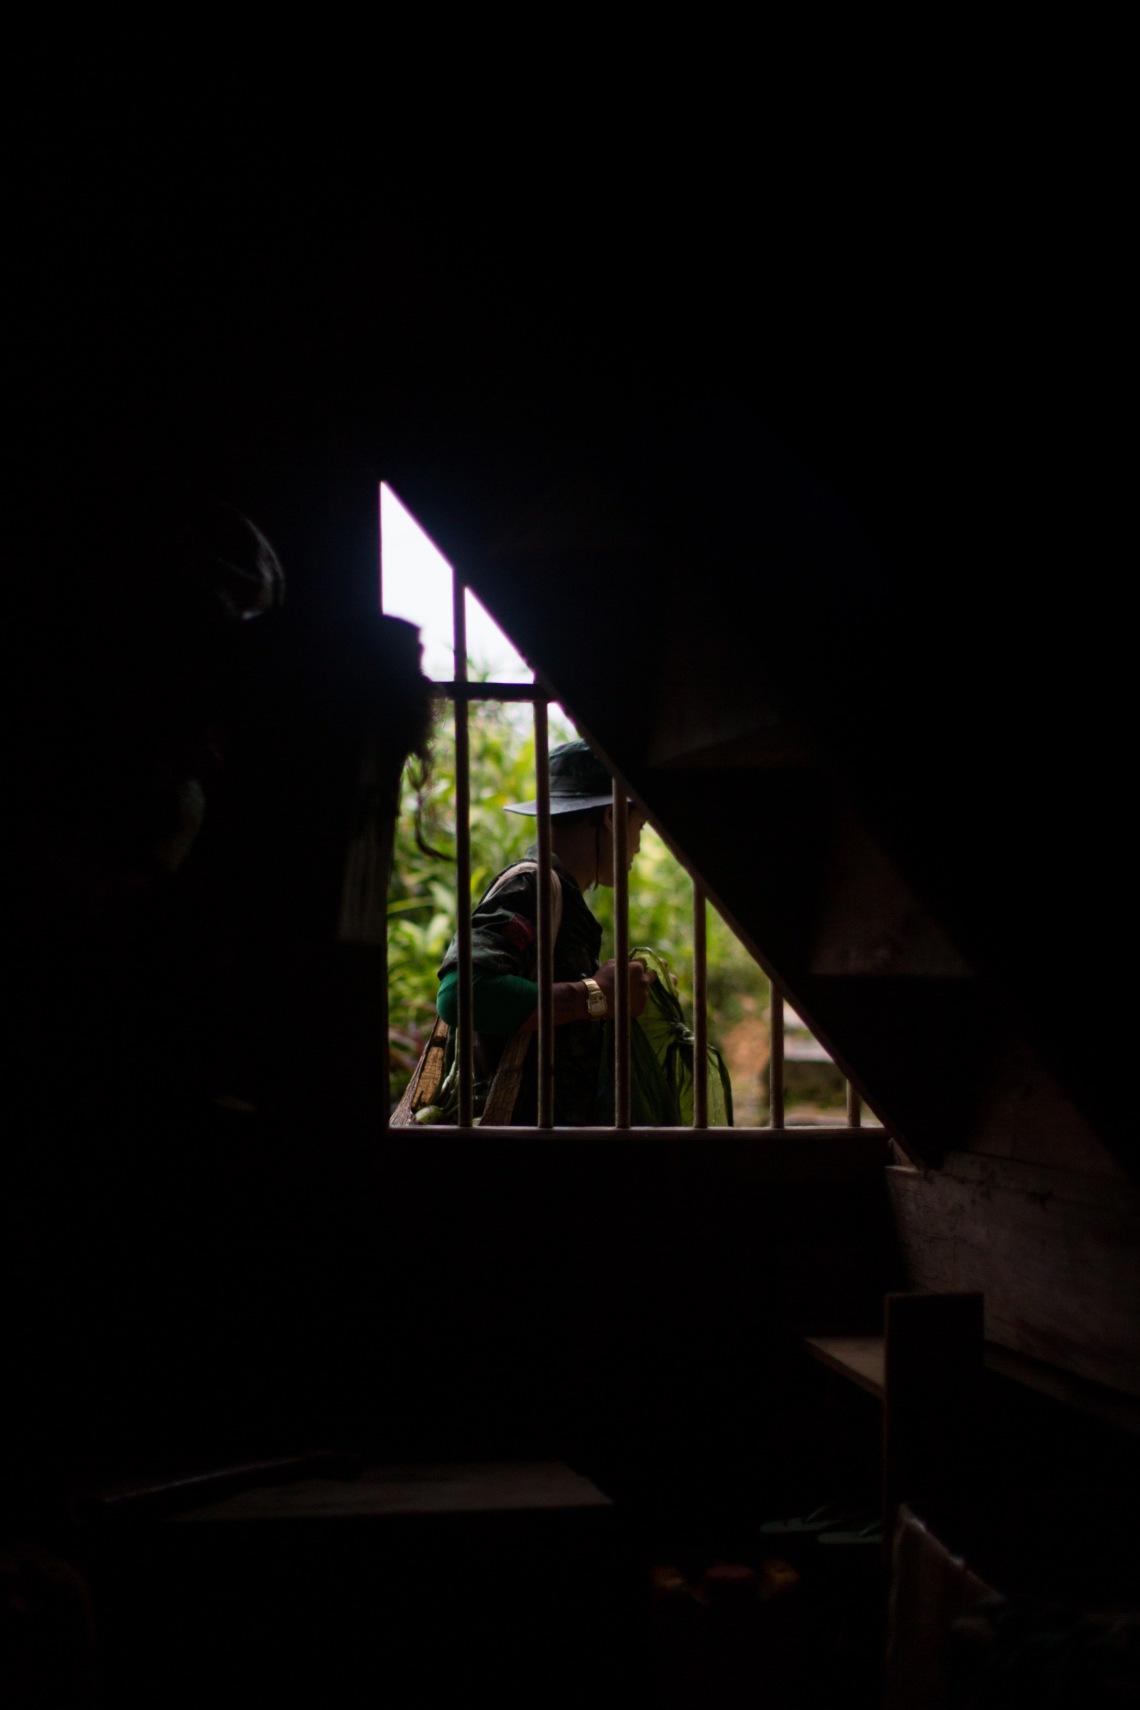 Soldat Shan venant prendre de la nourriture chez les habitants, Tan San, Shan State